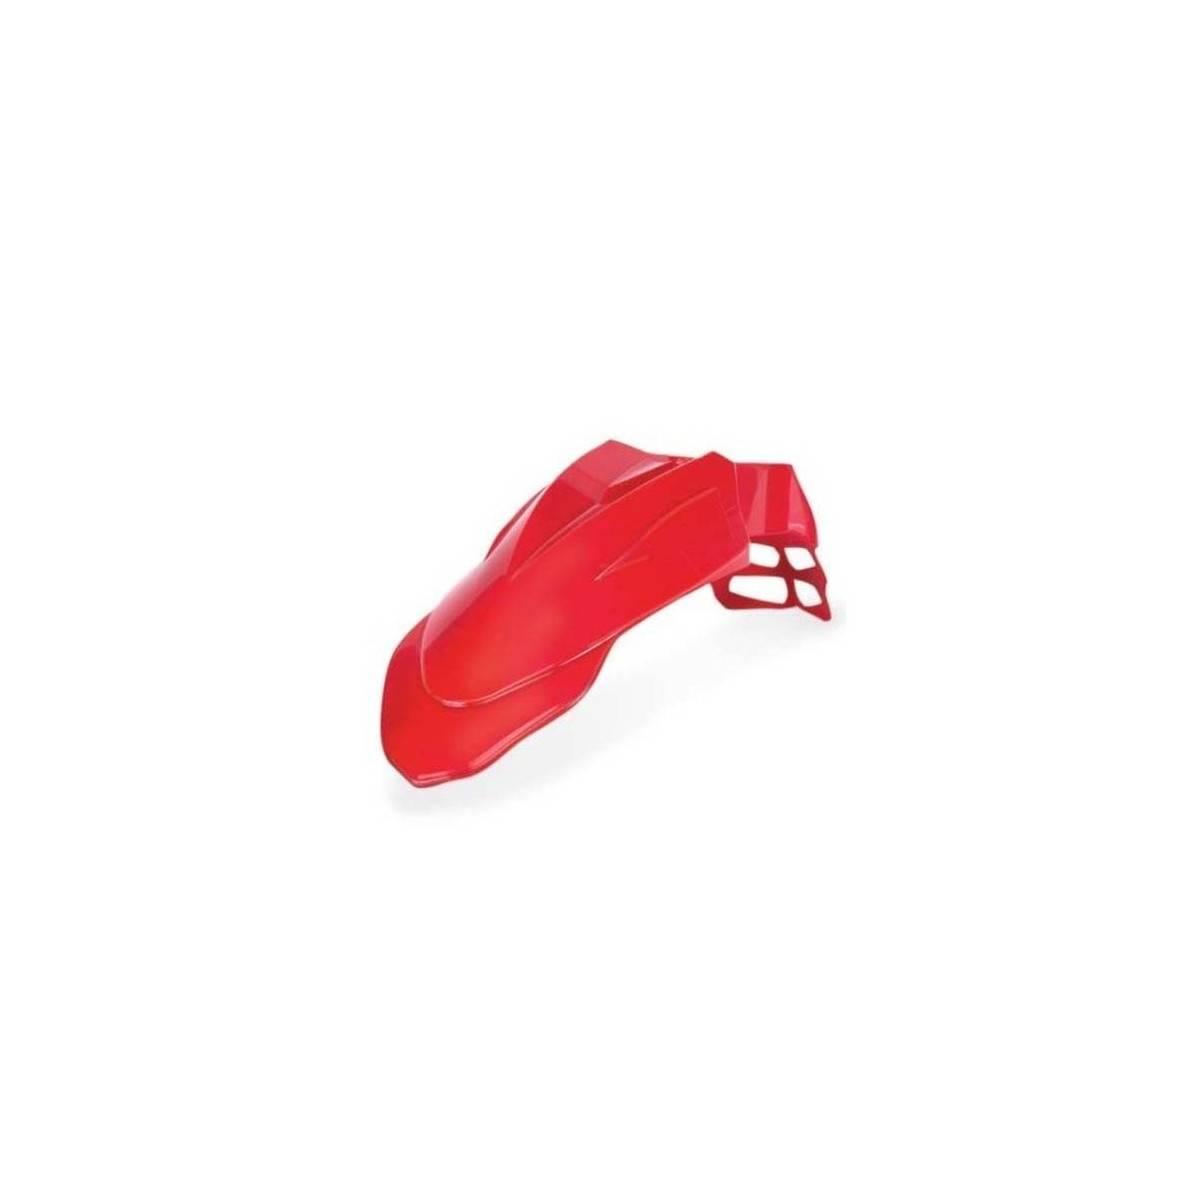 0010347-110 - Guardabarros Delantero Acerbis Honda Crf 150R 04 18 Rojo